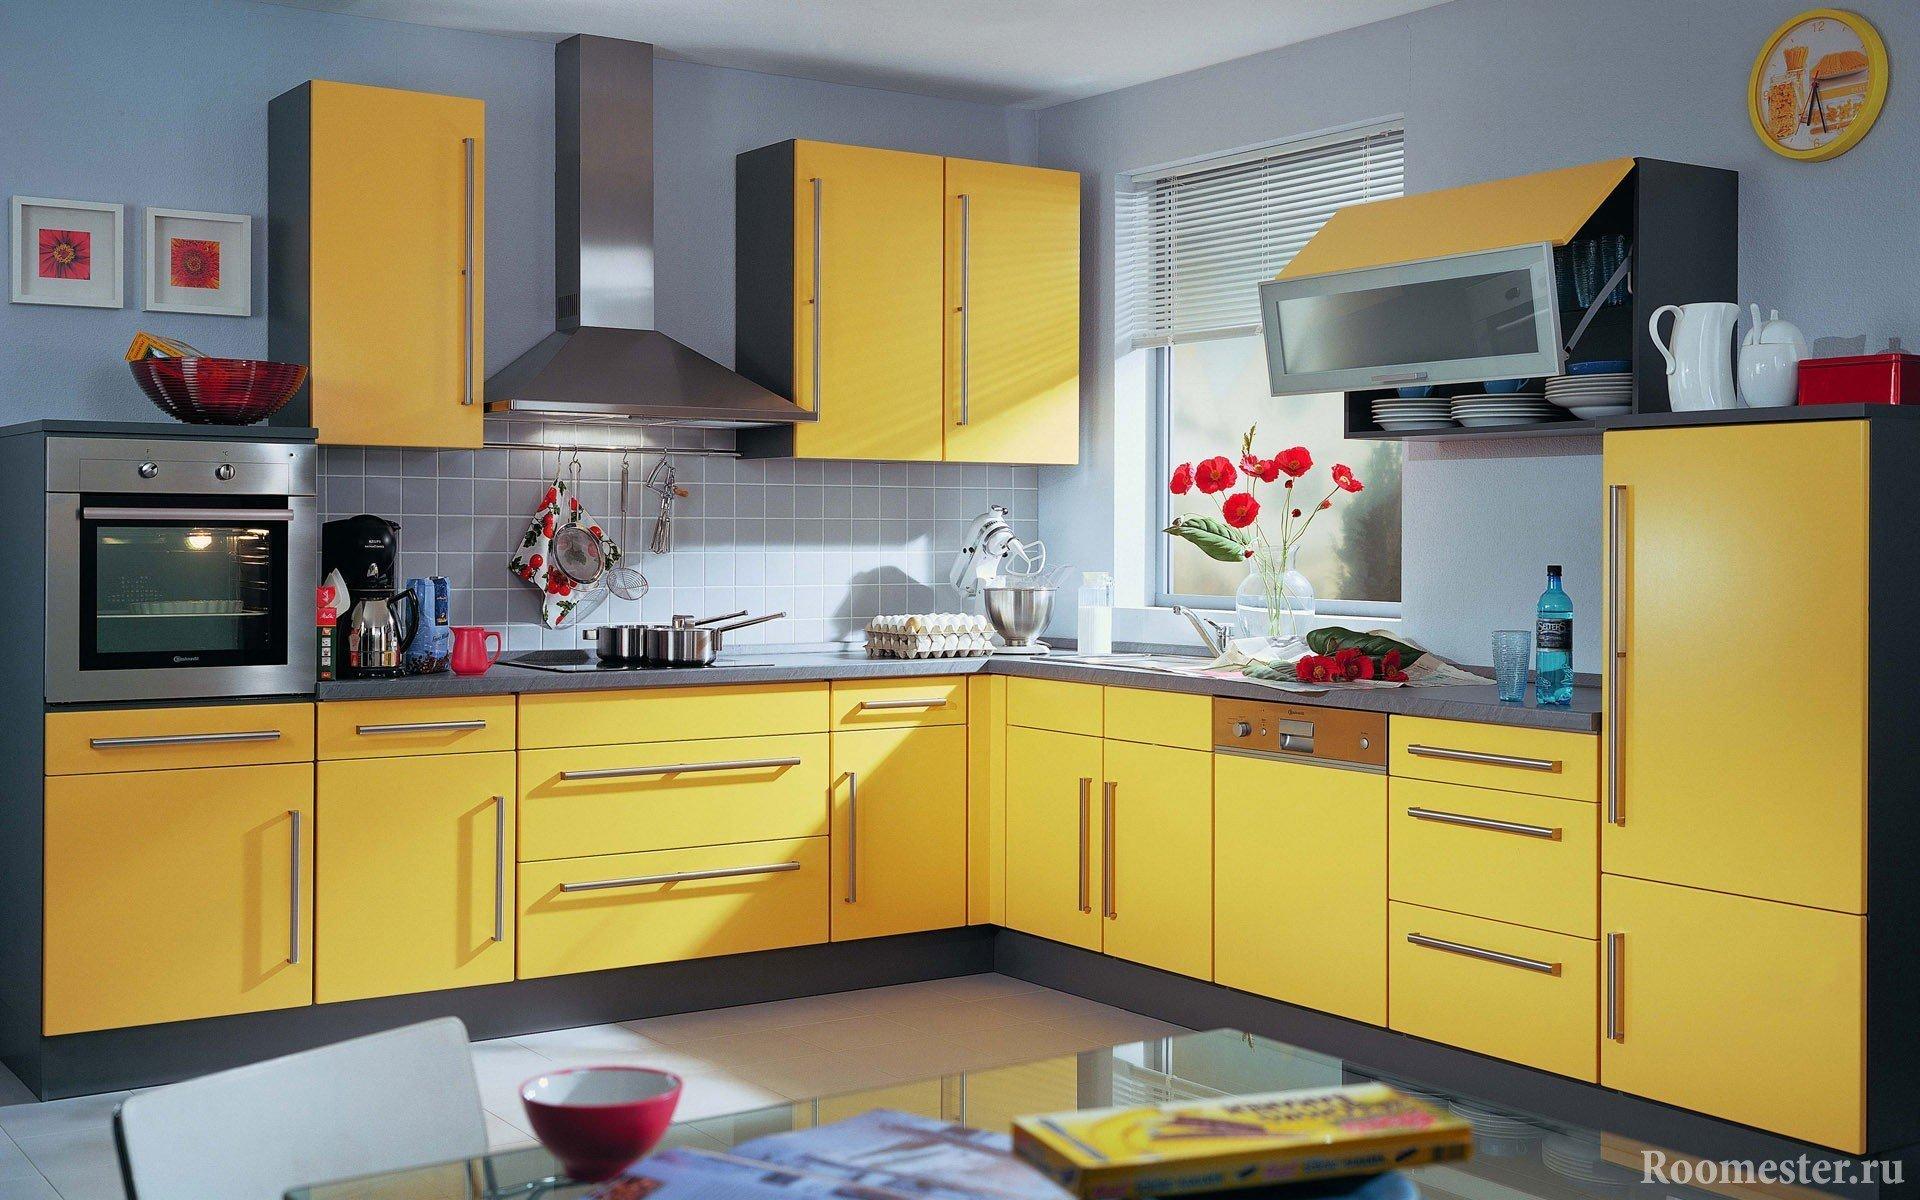 Стены в пастельных тонах, кухня желтая